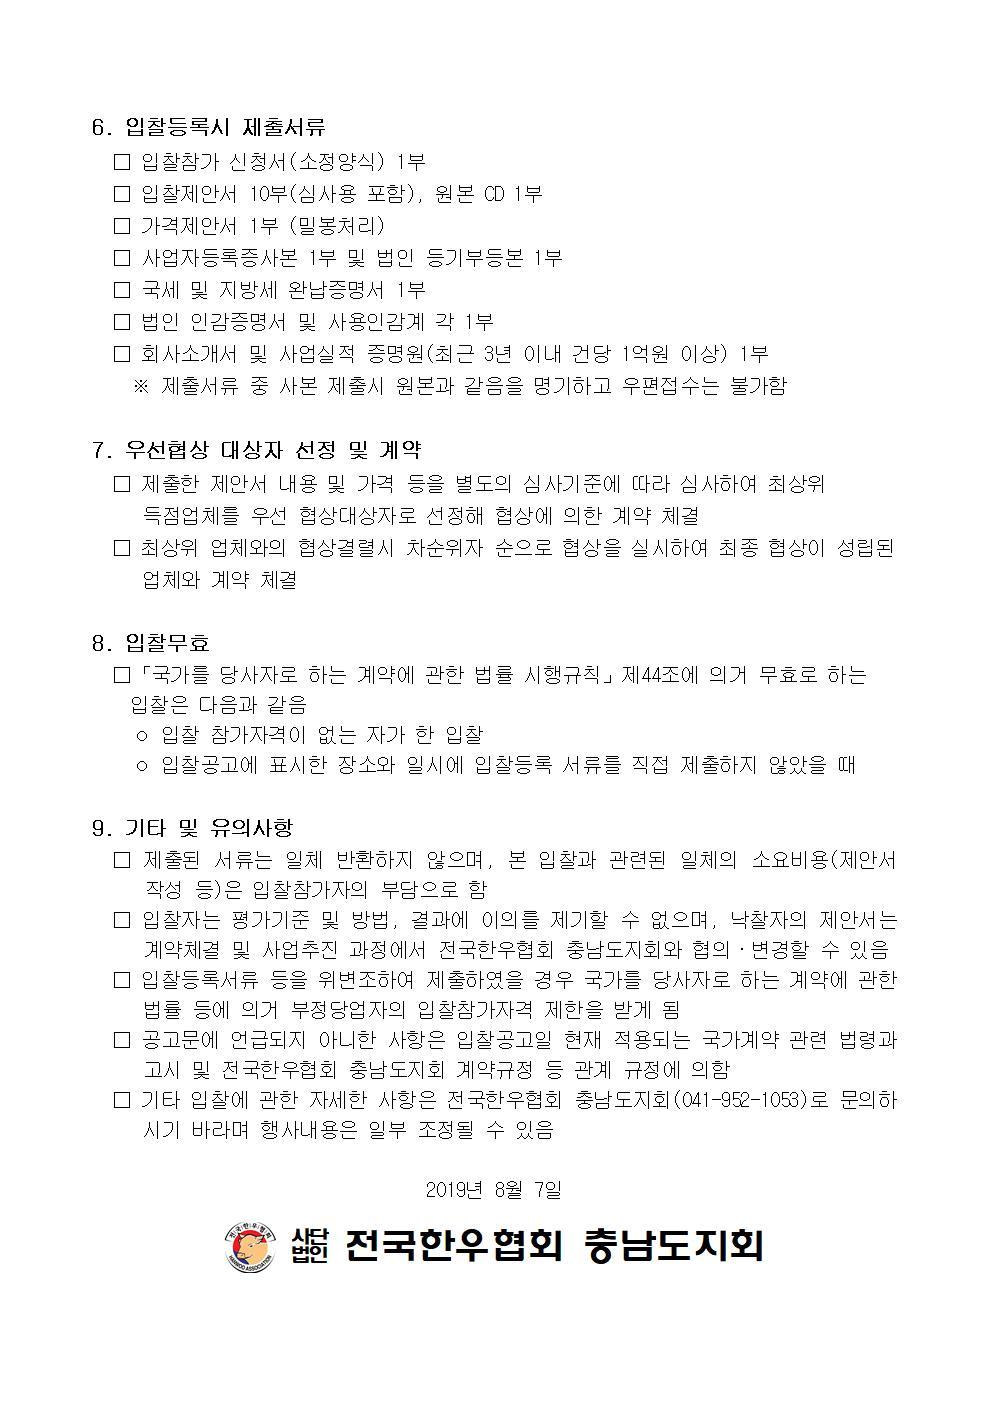 [입찰공고]2019년 도광역시 소비홍보행사(충남)002.jpg